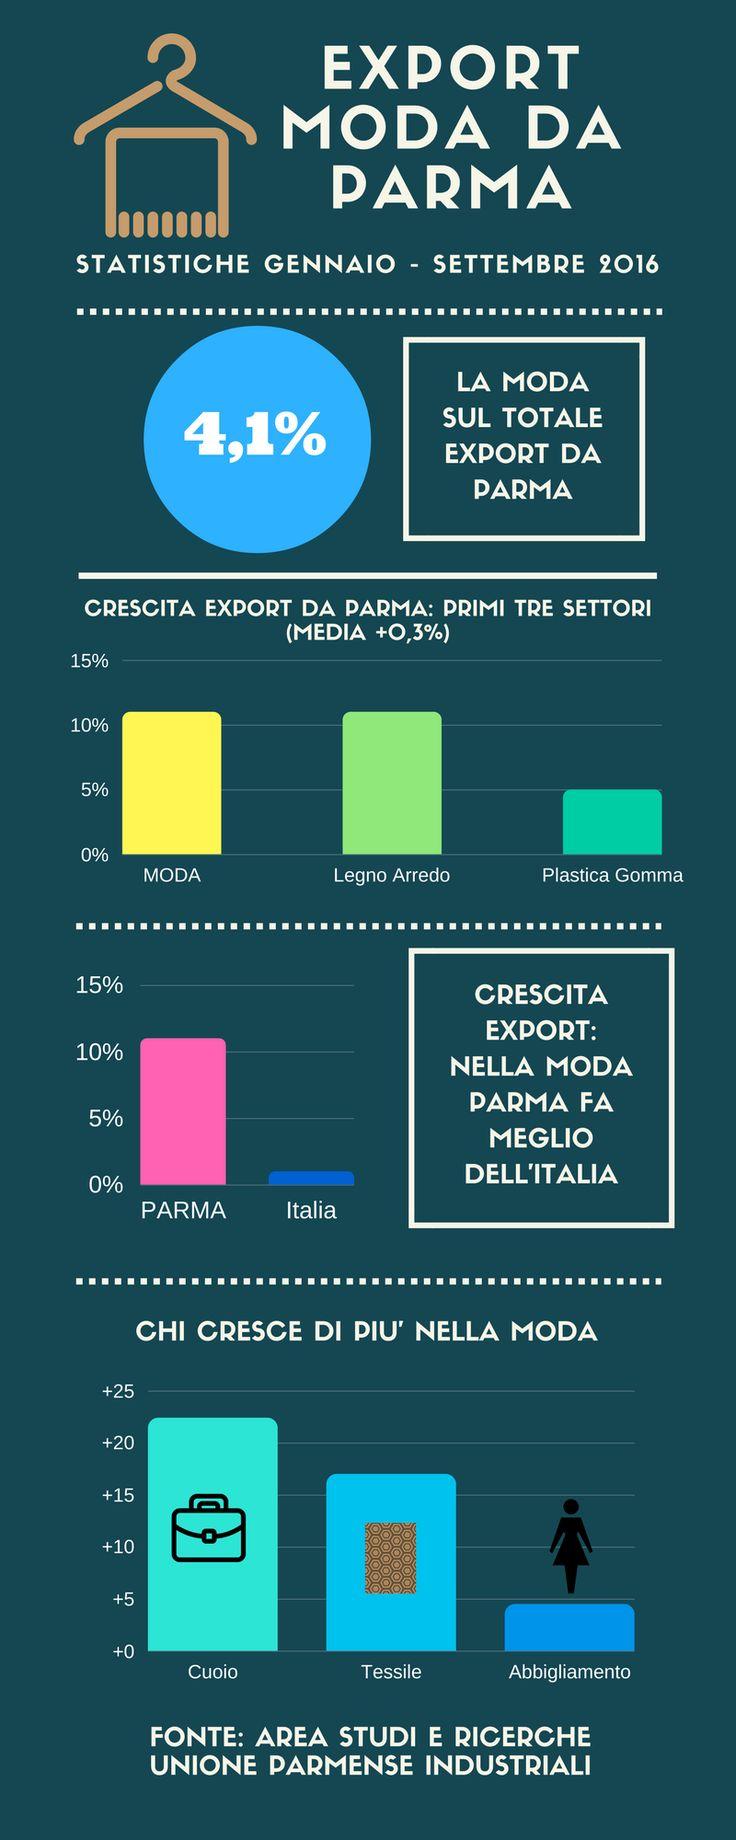 #Moda #madeinParma: scatto in avanti dell'#export. A dispetto del contesto di stagnazione, l'export della moda di #Parma ha registrato, nei primi nove mesi del 2016, una crescita a doppia cifra (+11%), sensibilmente superiore anche a quella del sistema moda nazionale (+1%)...APPROFONDISCI SUL SITO DI #PARMACOUTURE